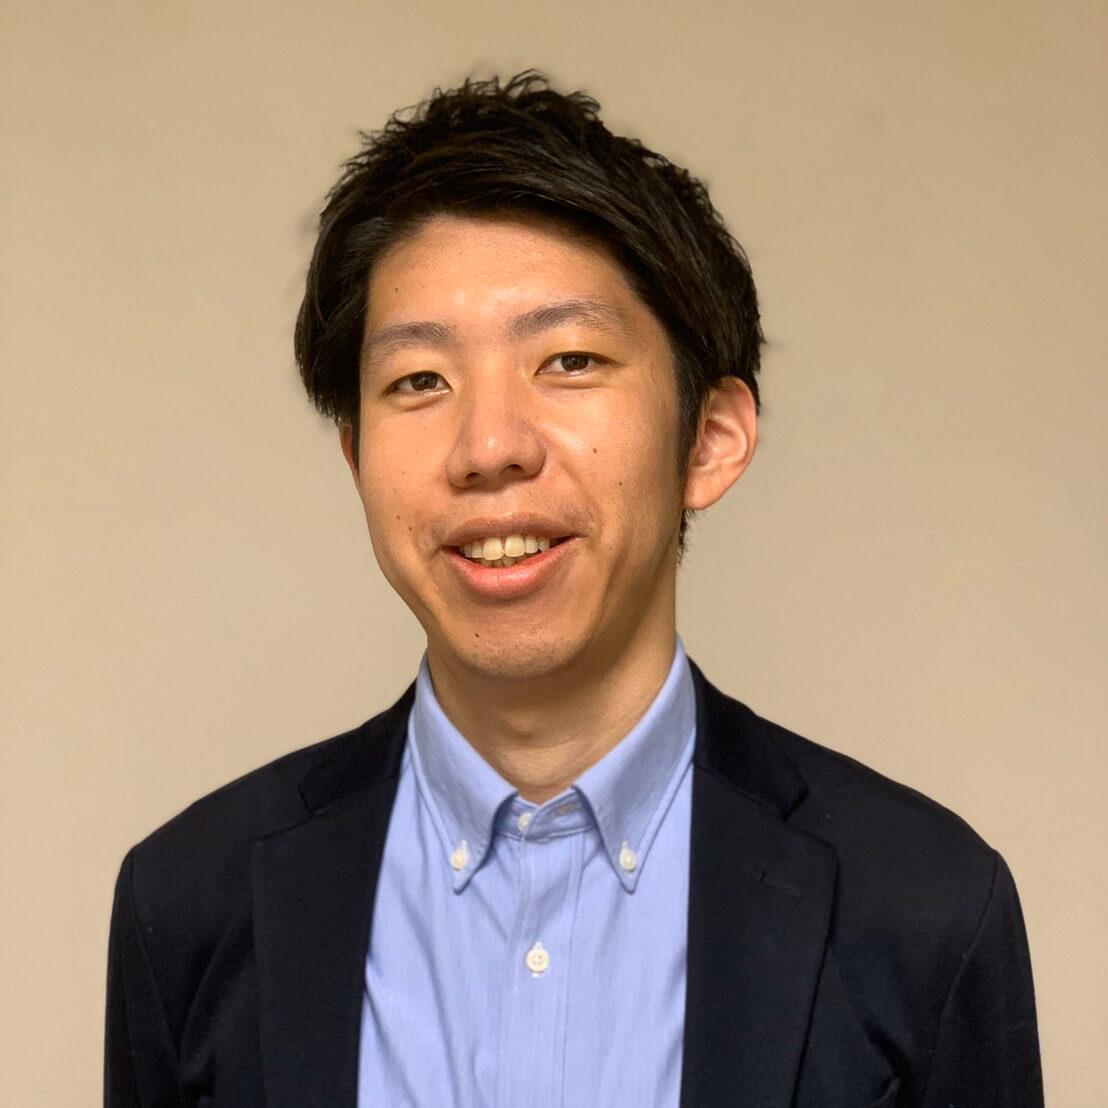 株式会社Kaizen Platform 事業統括部 部長 坂藤 佑樹